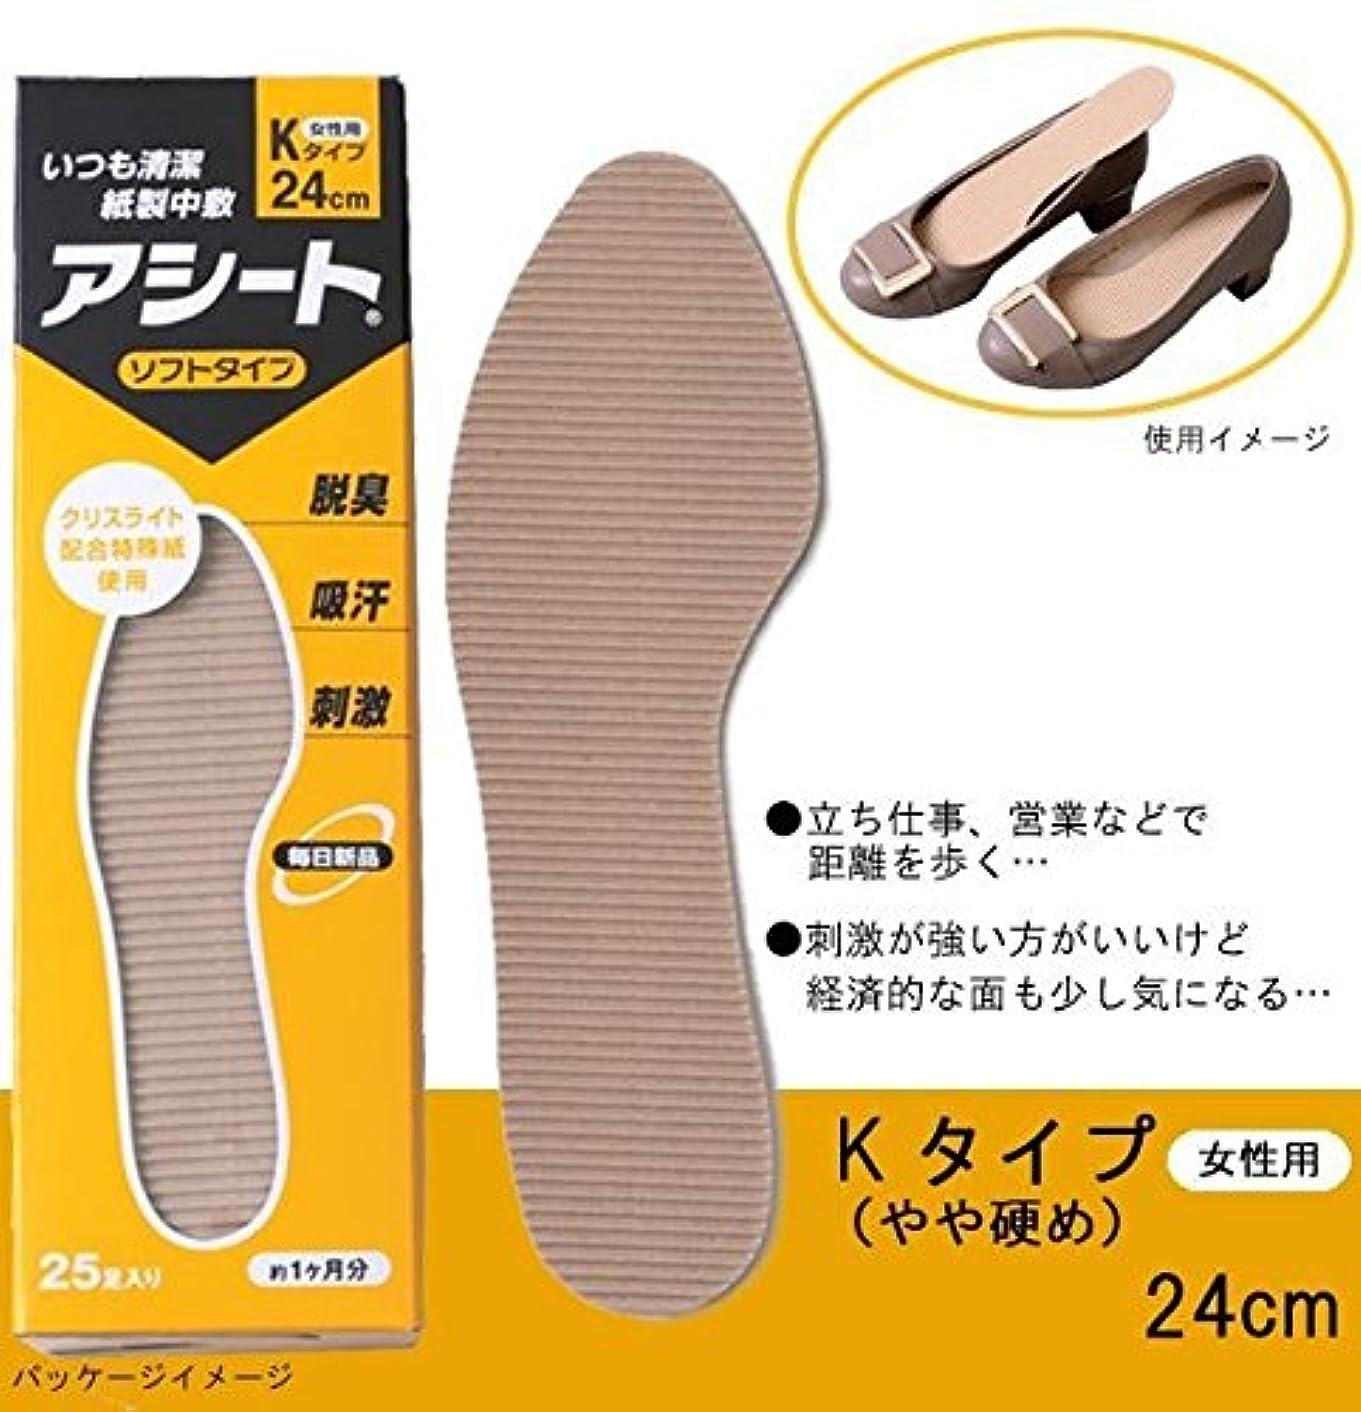 生態学サスペンド回転させる紙製中敷 アシートKタイプ 50足セット 24cm(女性用)